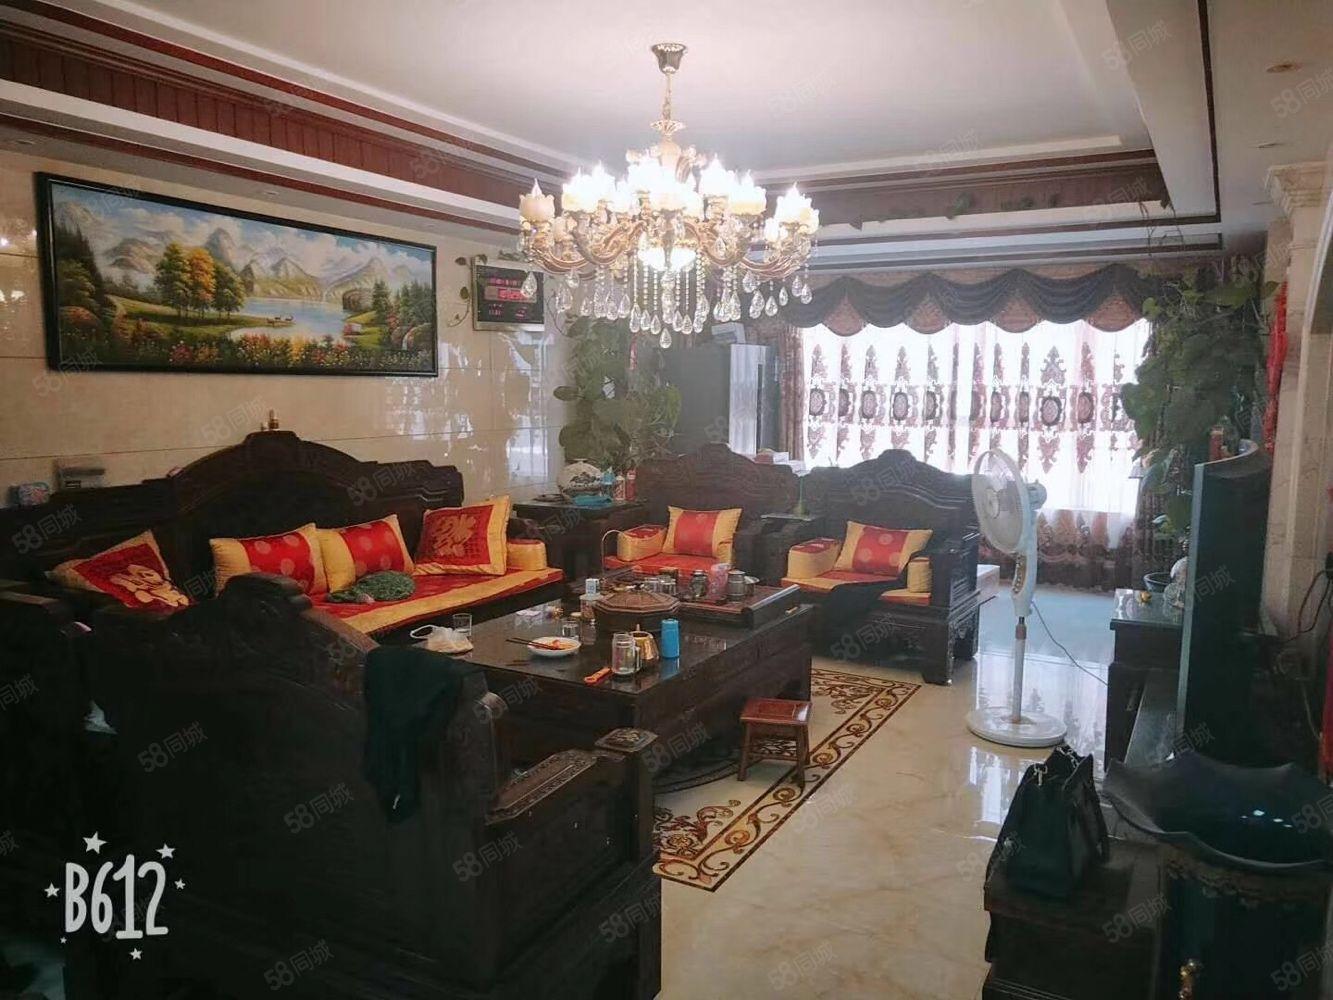 玫瑰苑電梯三樓四室兩廳兩衛185平豪華裝修95萬